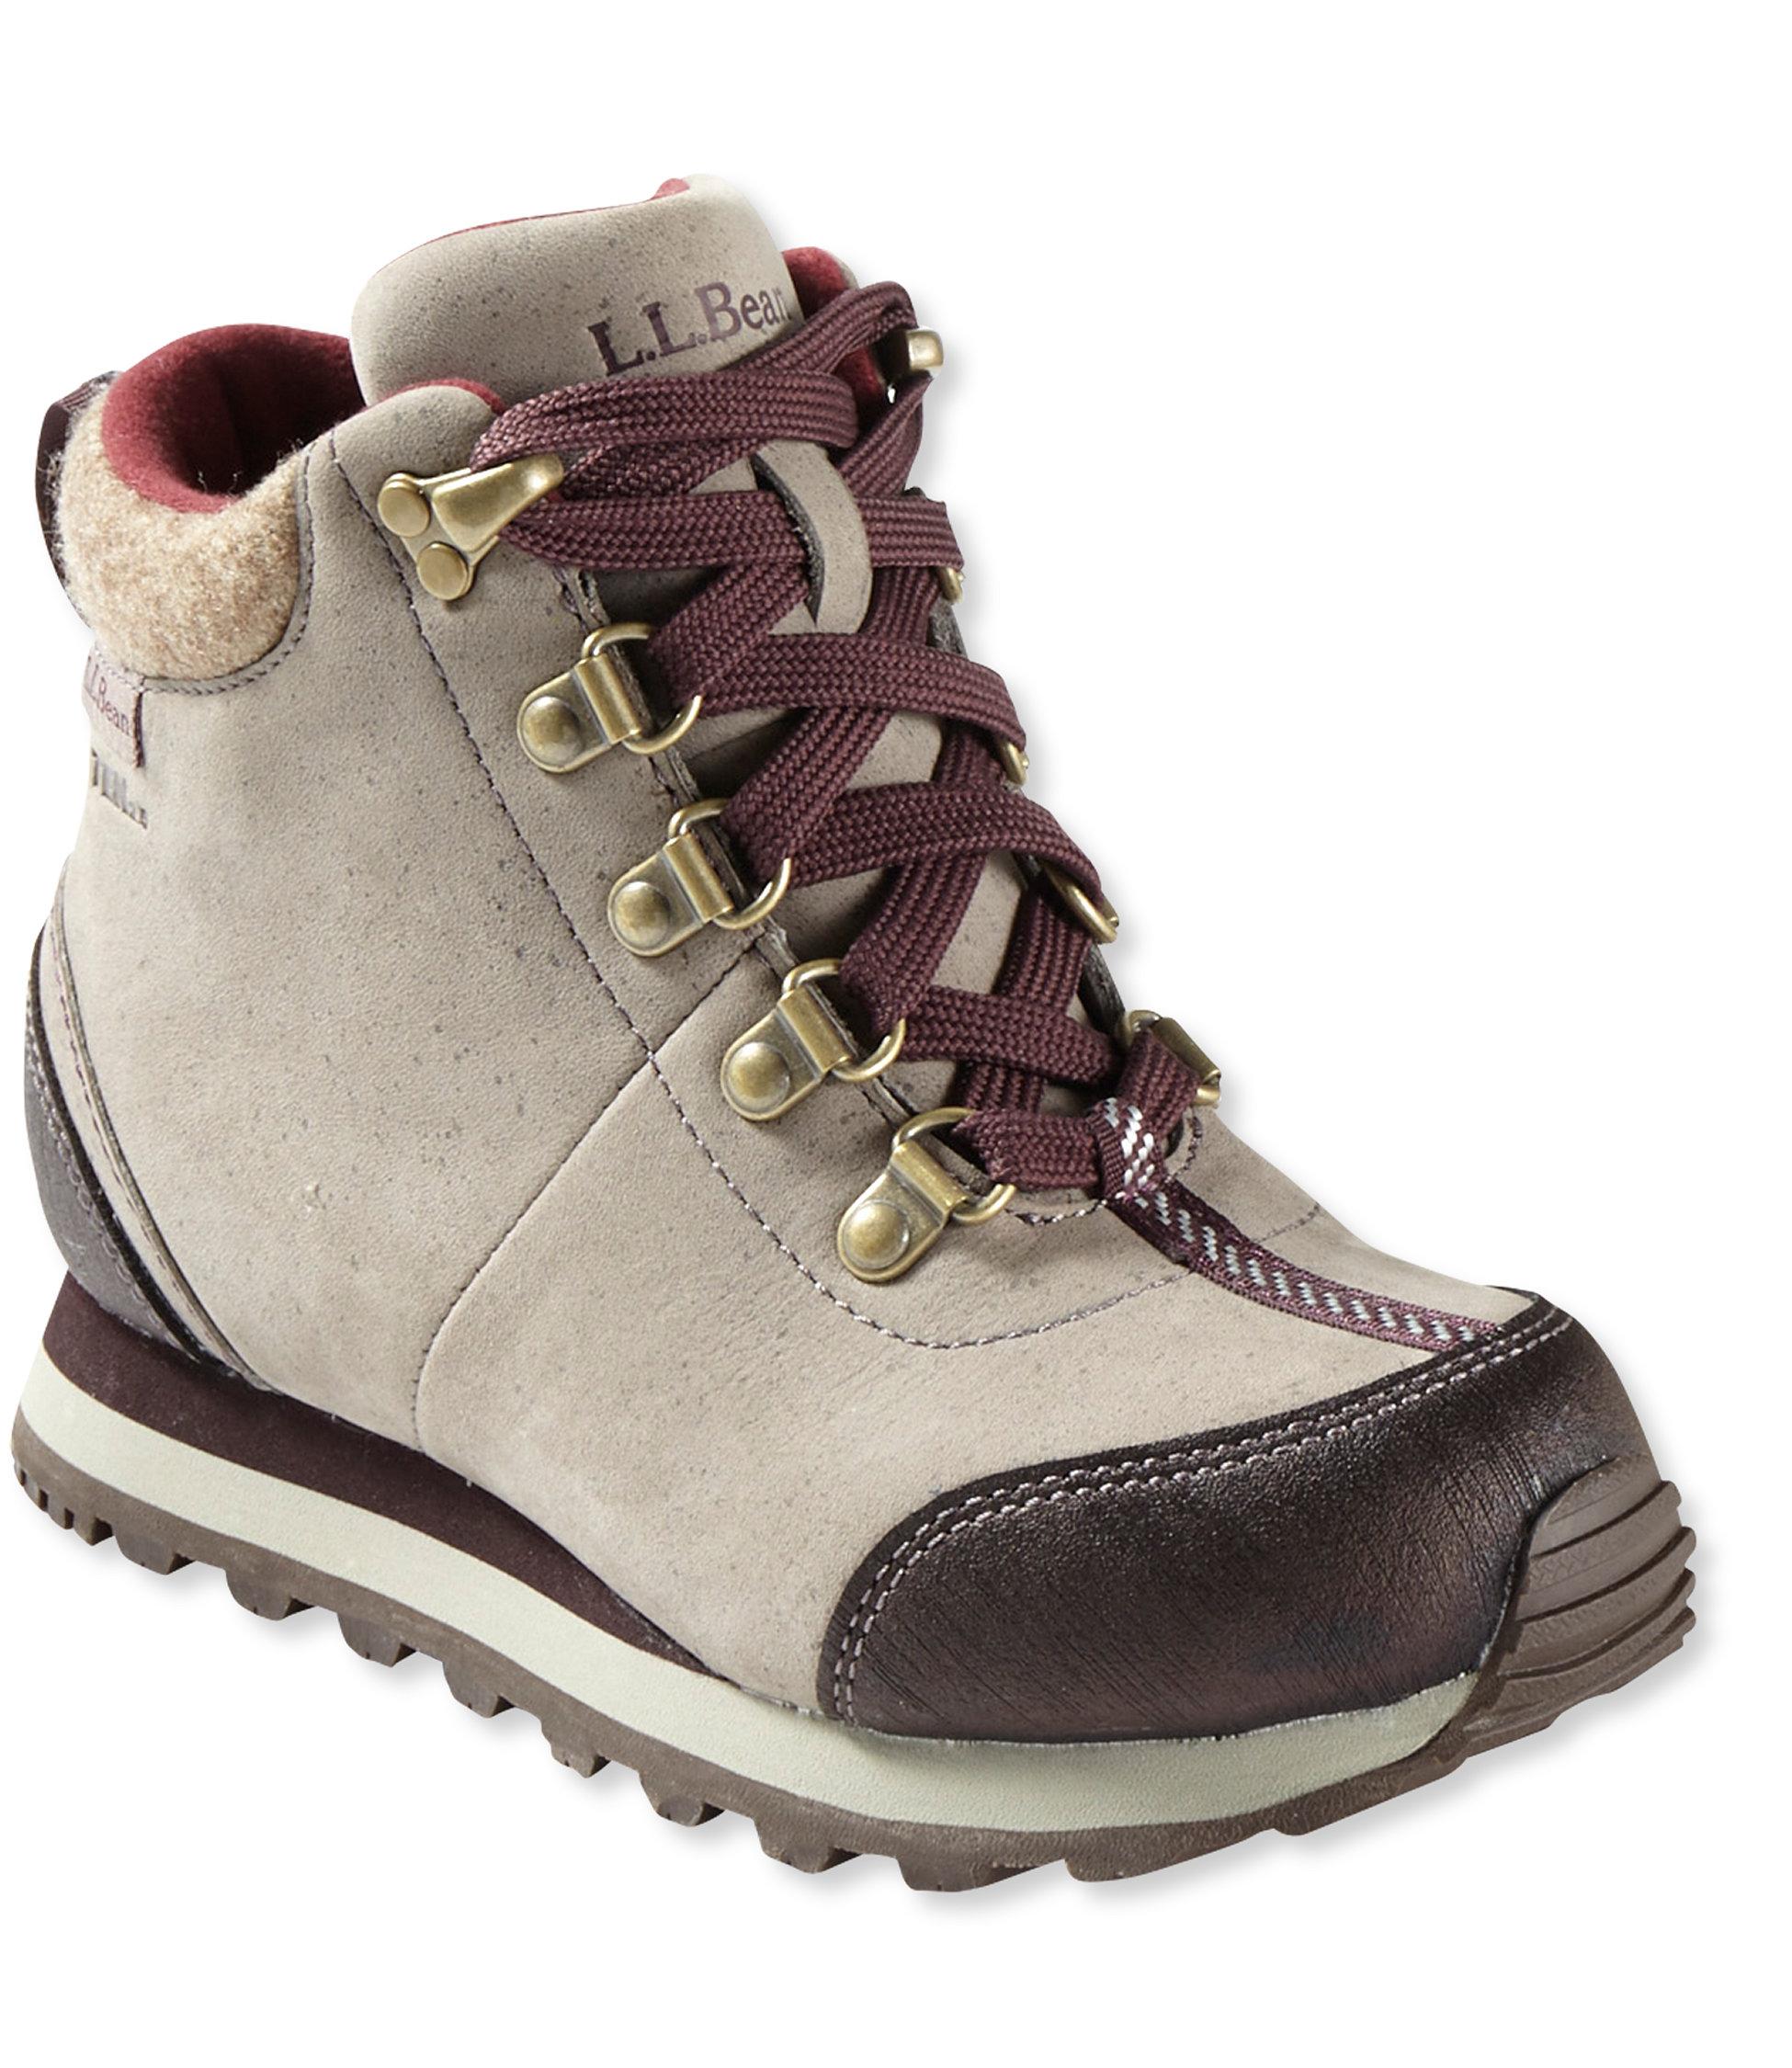 L.L.Bean Waterproof Snow Sneakers